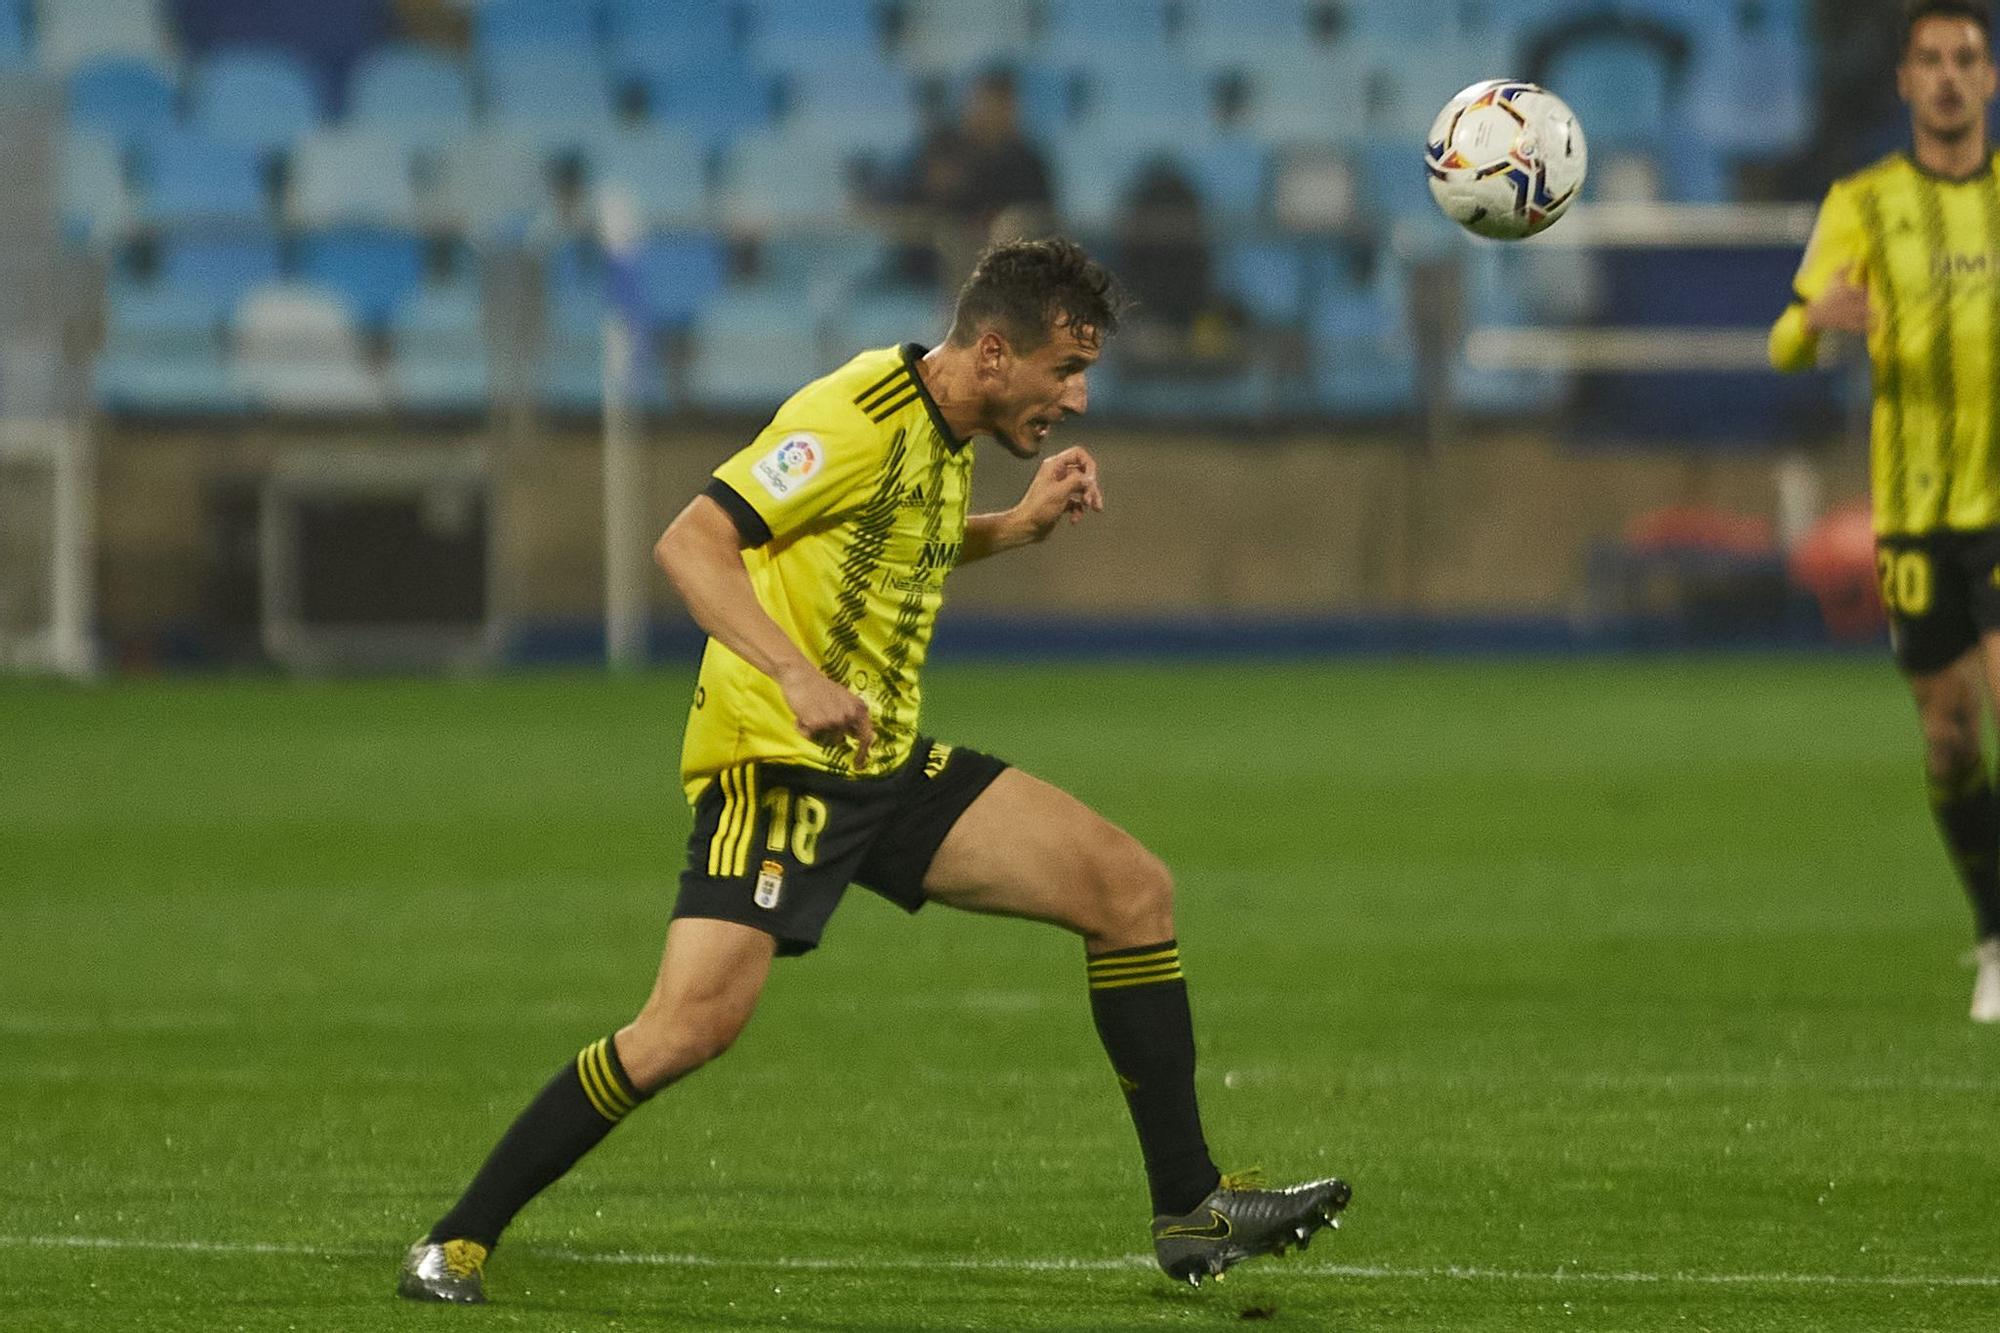 Las imágenes del partido entre el Zaragoza y el Oviedo (1-2)